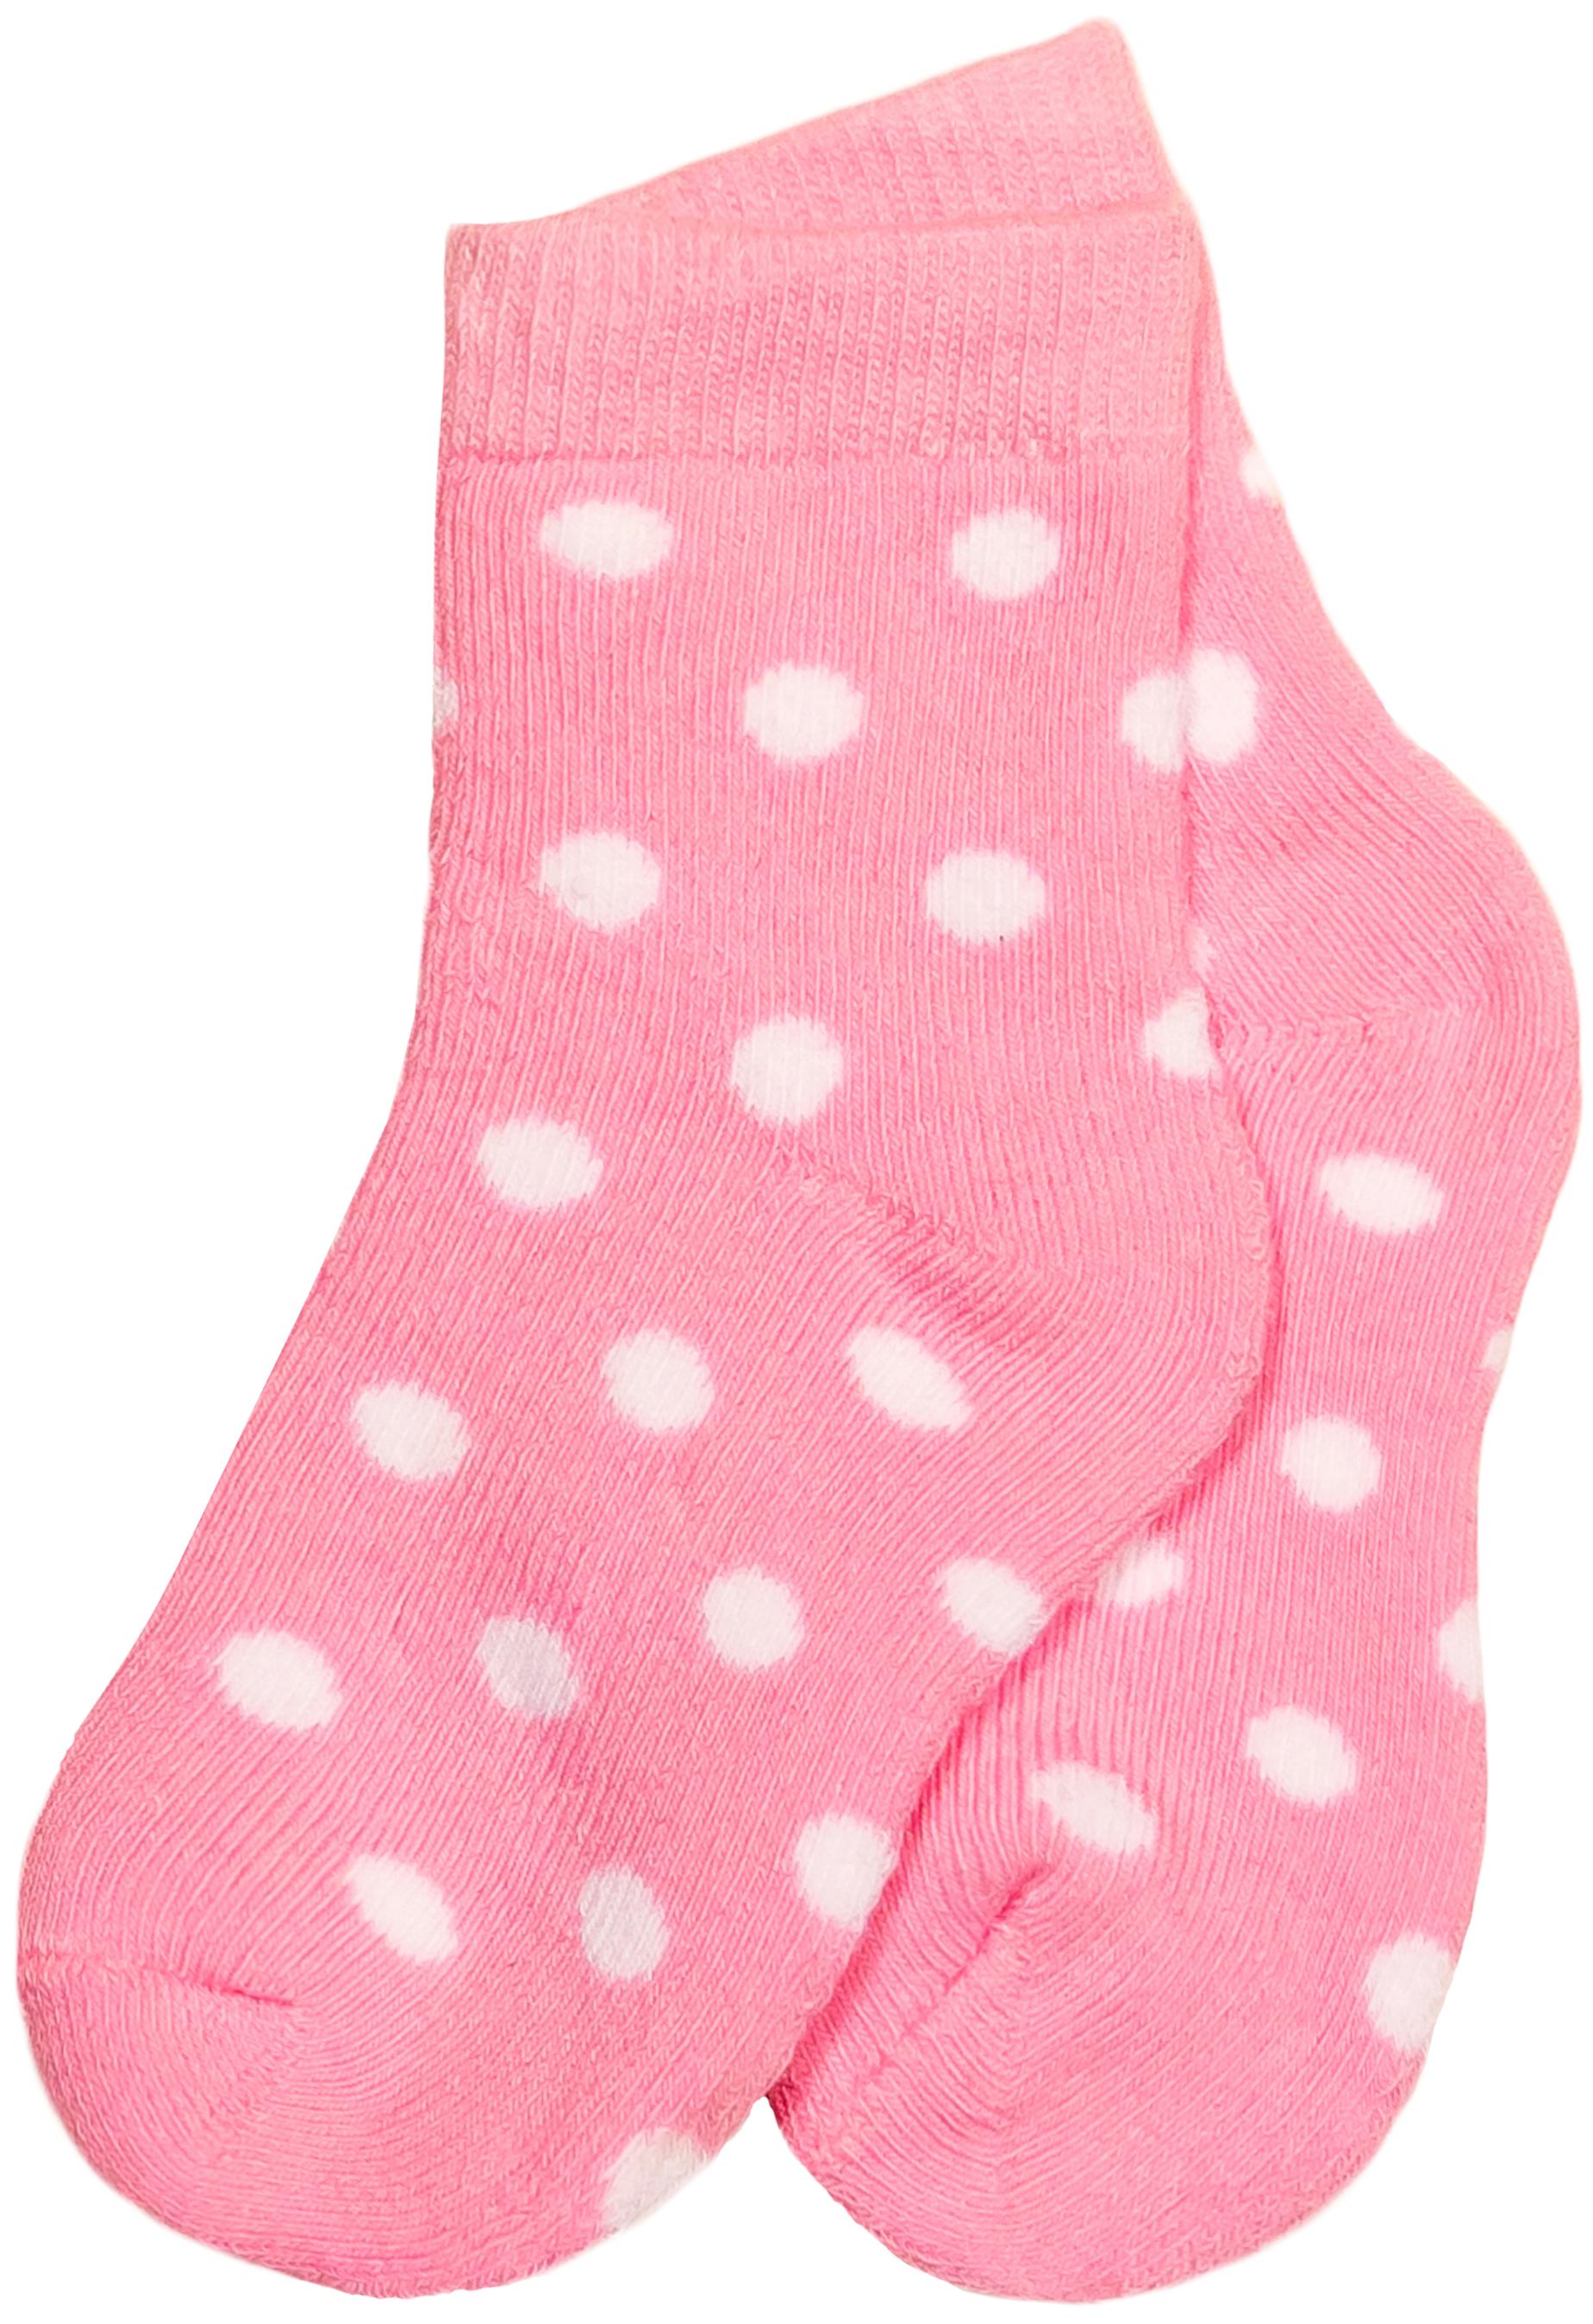 Носки Barkito Носки махровые для девочки Barkito, розовые с рисунком в горошек ostin махровые носки с новогодним рисунком